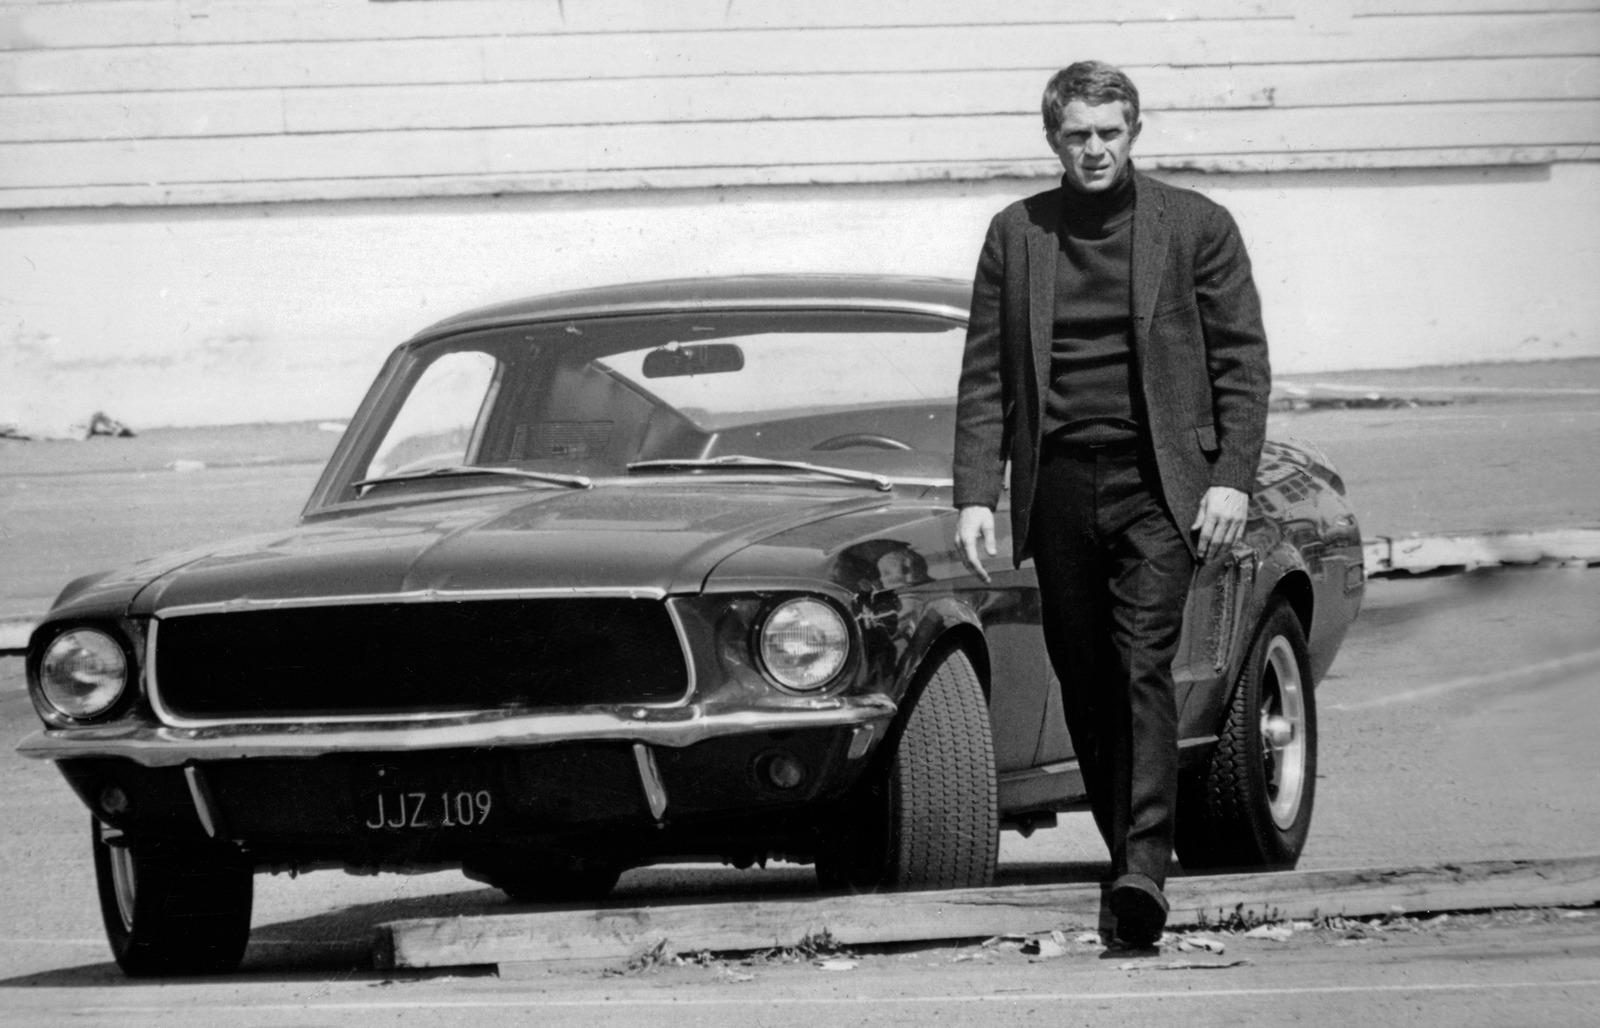 ژانر اکشن یکی از اصلیترین ژانرهای سینمایی است که گاهی اوقات میتوان آن را حسن تعبیری برای خشونت و مردانگی دانست که در دهه ۸۰ میلادی به یک ژانر شناخته شده تبدیل شد.